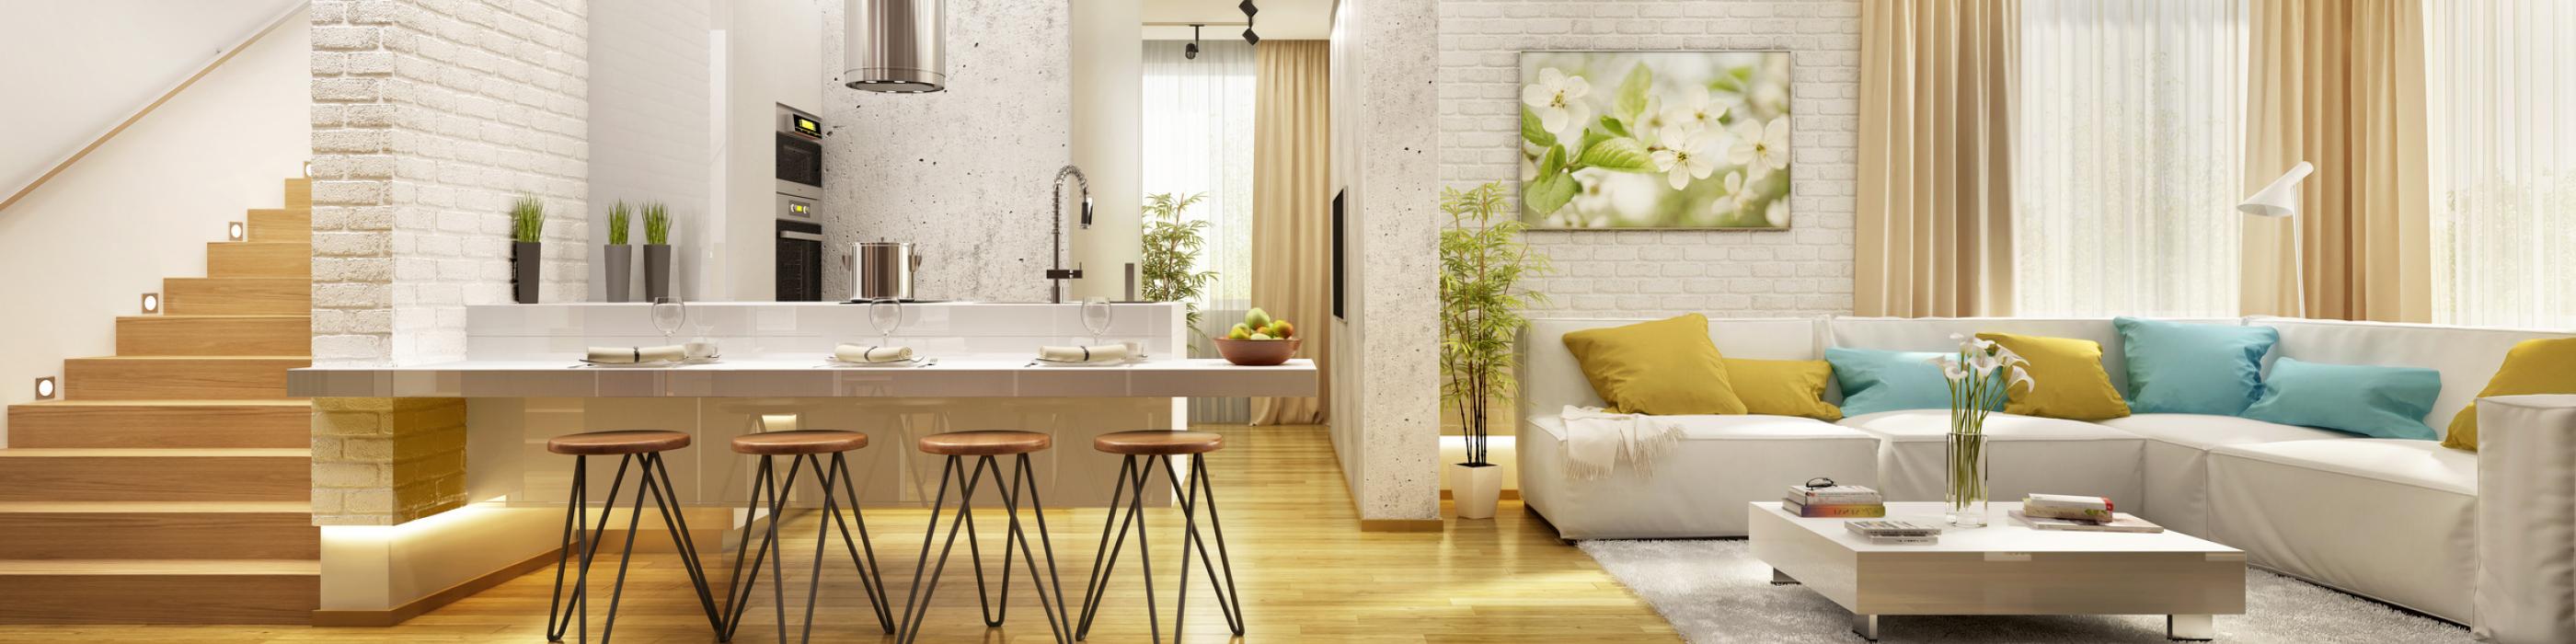 Casa Wiskirchen - Ihr Partner für Fenstergestaltung und Bodengestaltung